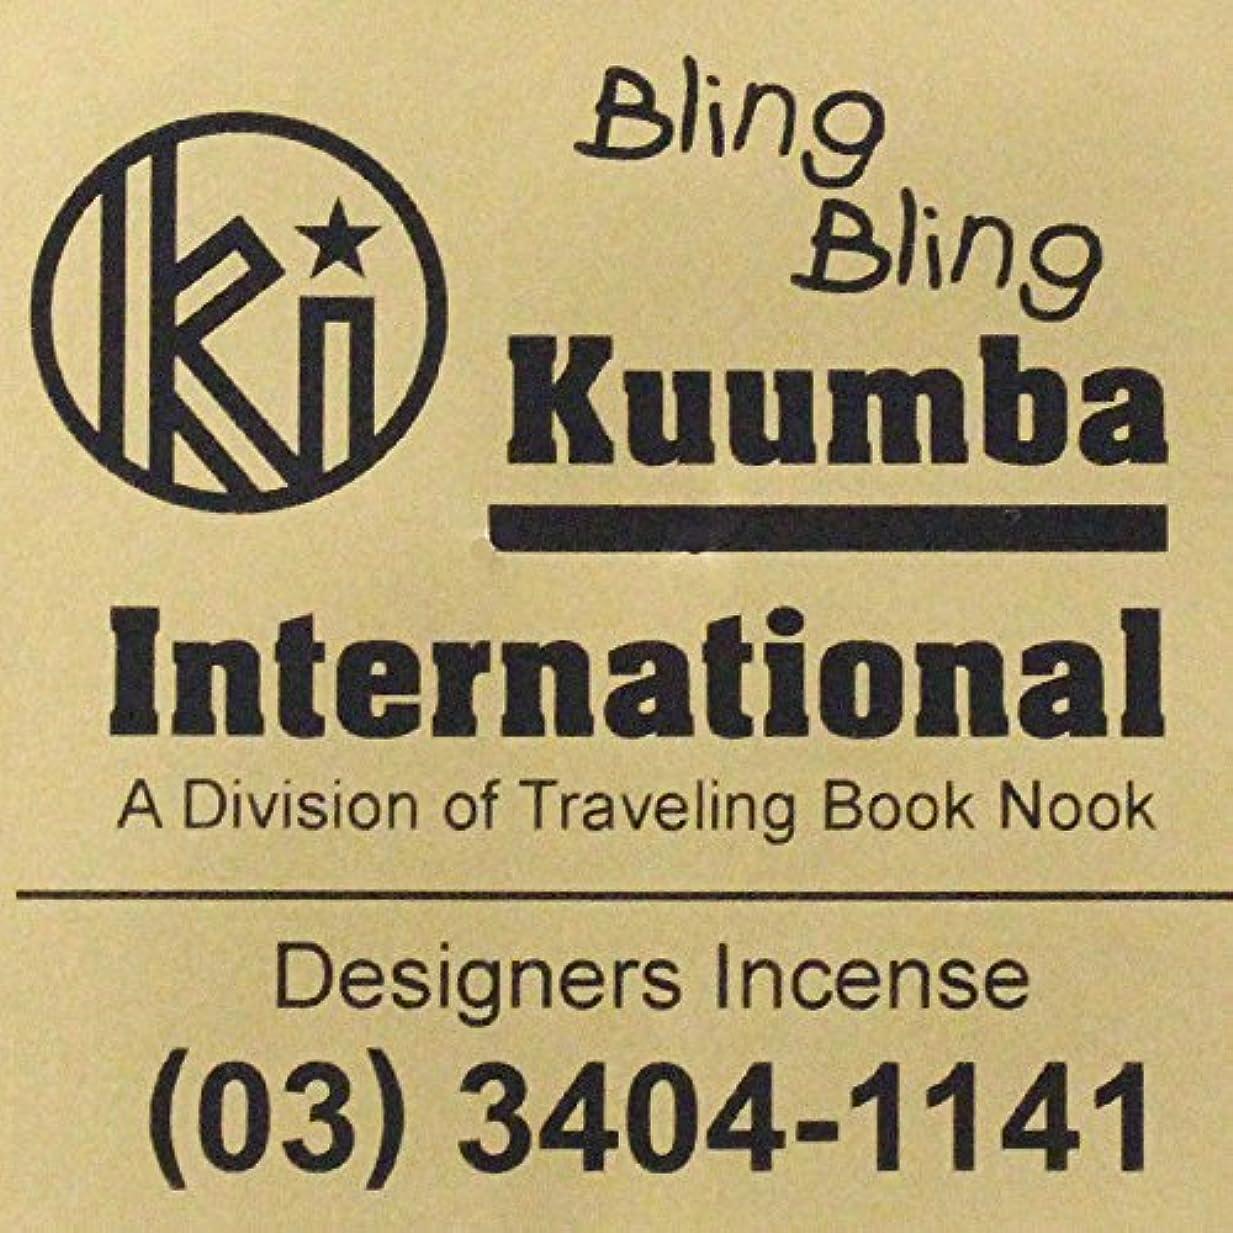 驚ディスコ被害者(クンバ) KUUMBA『incense』(Bling Bling) (Regular size)